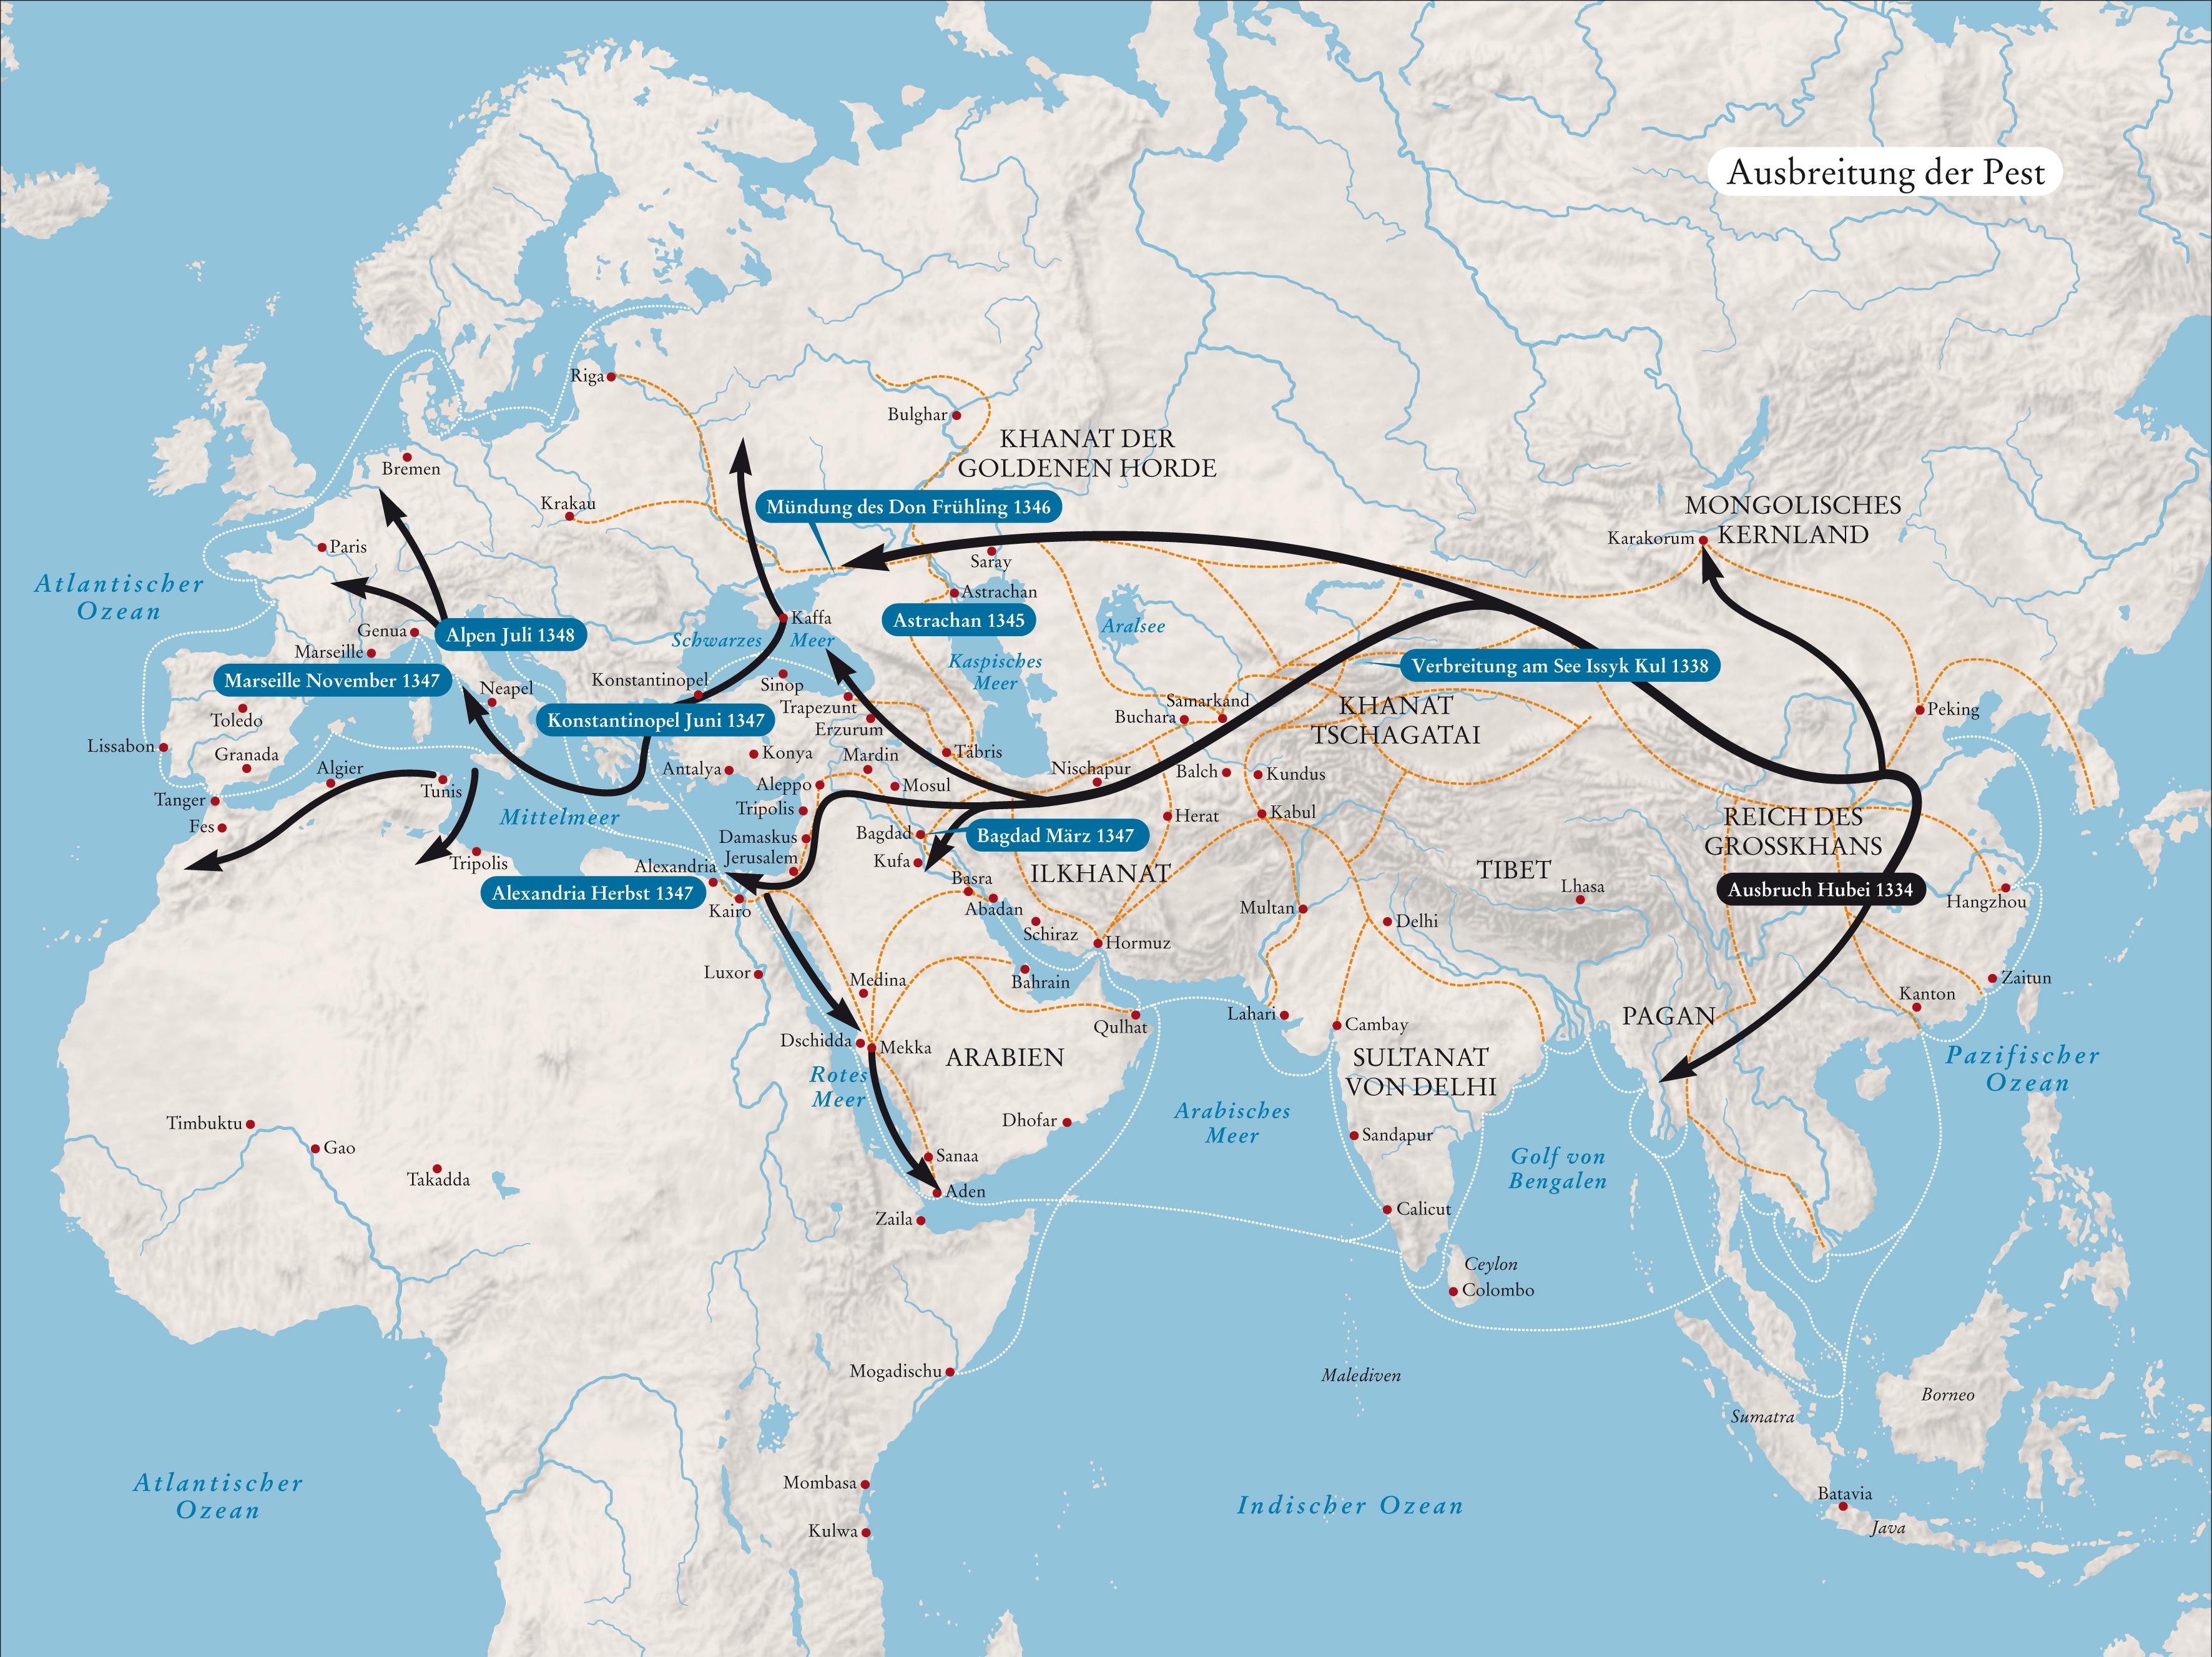 Ausbreitung der Pest von Asien nach Europa